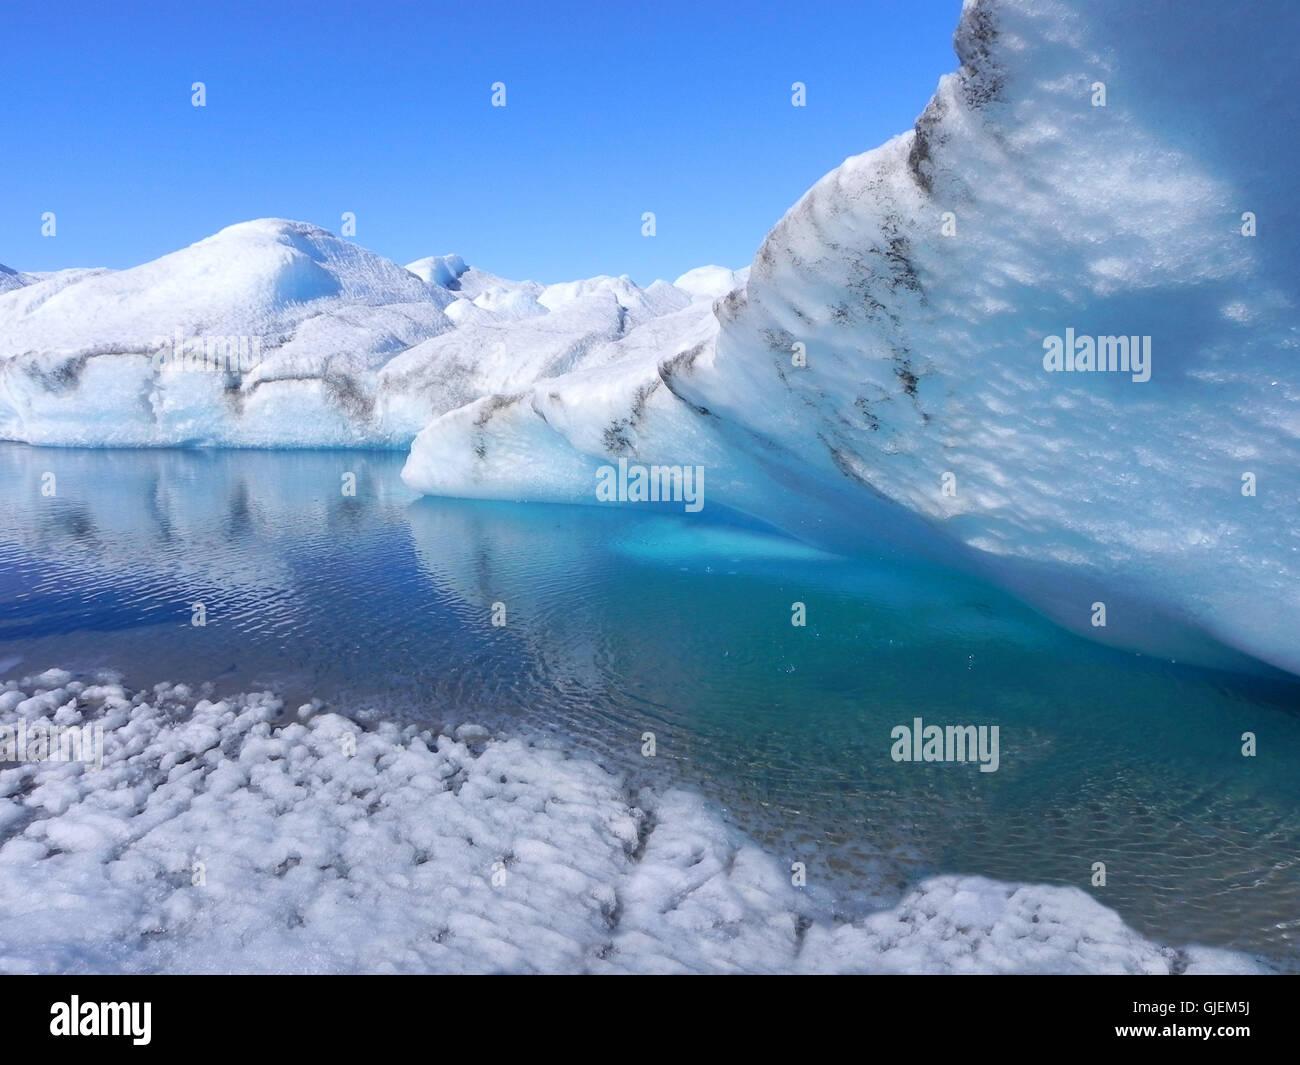 Eisschmelze in Grönland - Eishöhle mit blauem Wasser Stockbild